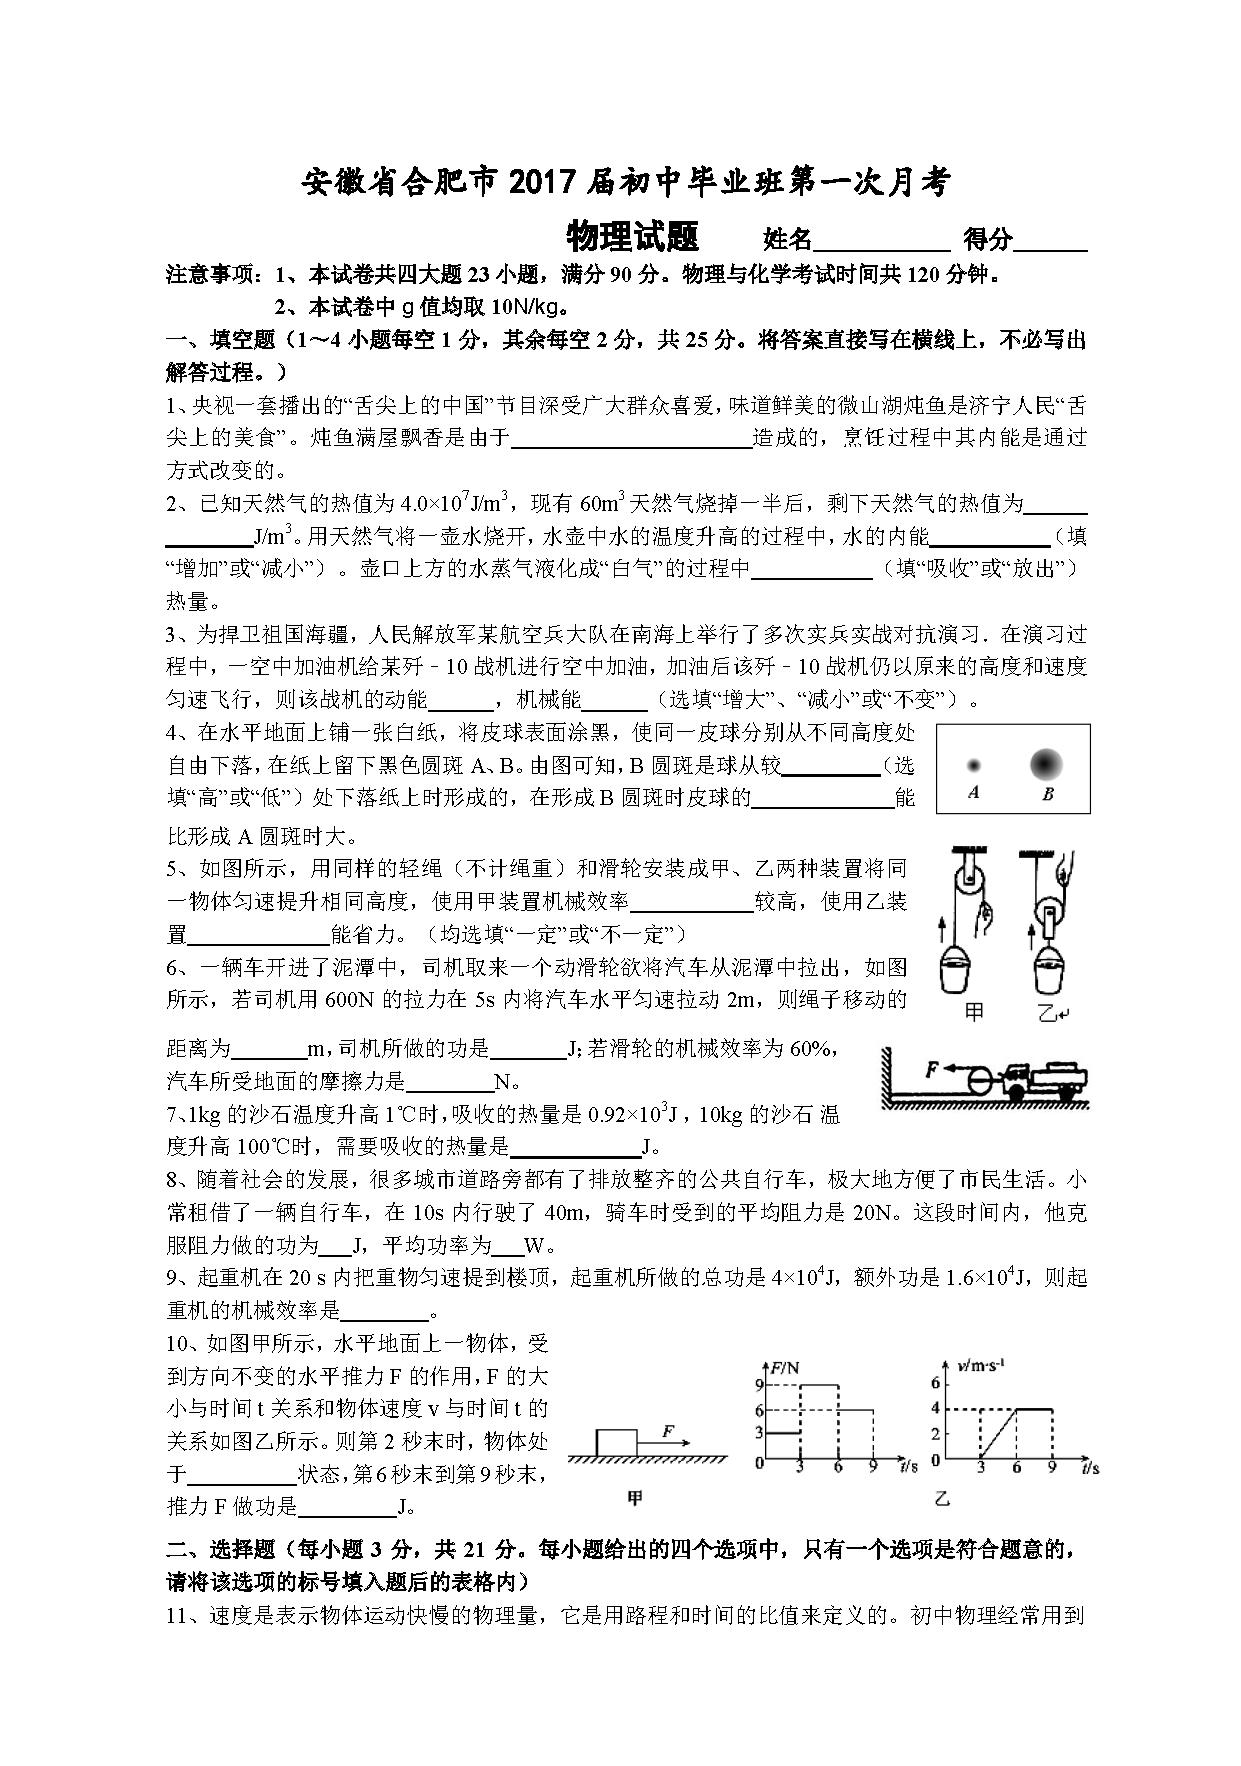 安徽合肥2017初中毕业班第1次月考物理试题(Word版)